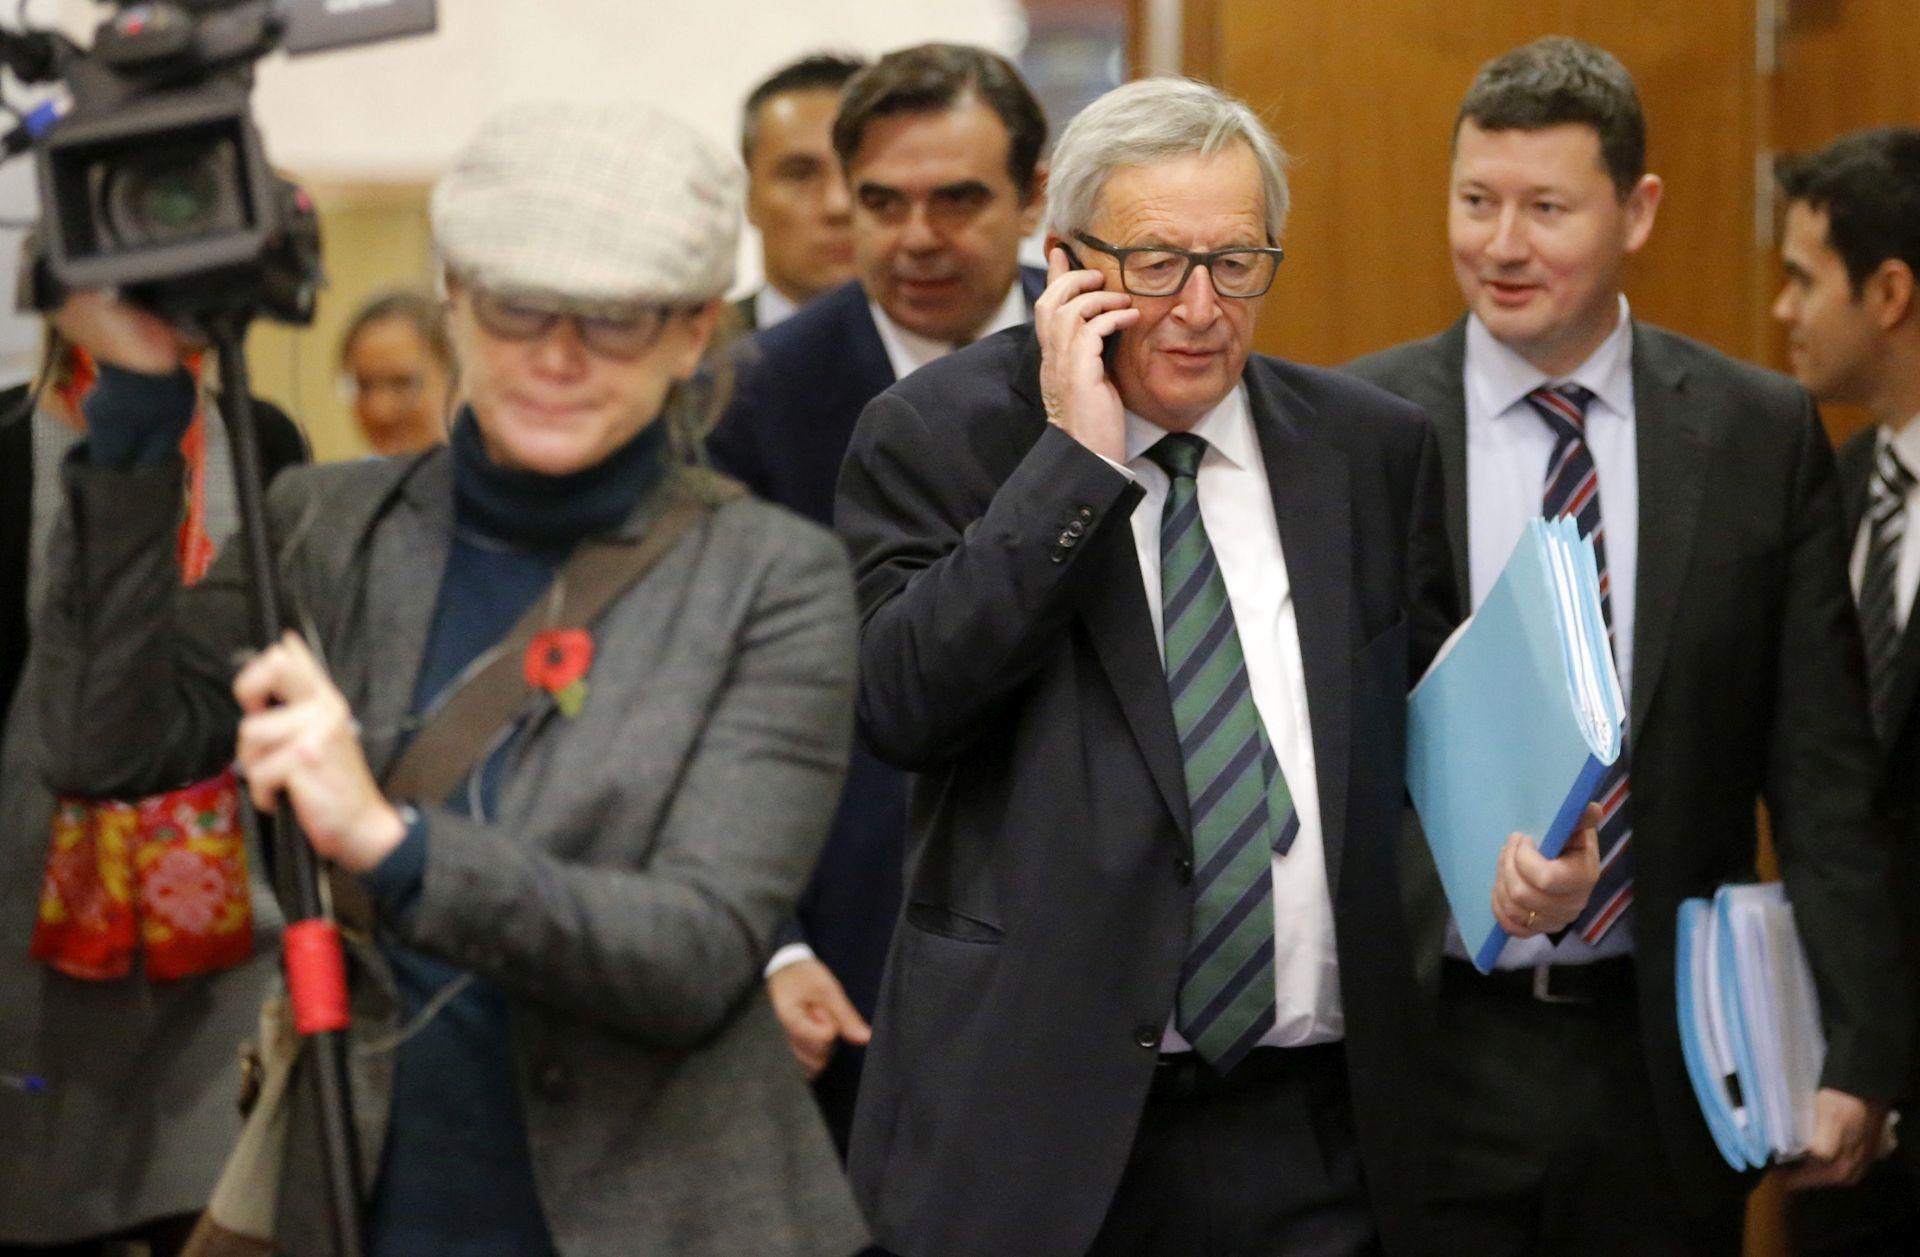 POSLOVNI SKUP Juncker poziva Trumpa da razjasni stajališta o trgovini, klimi i NATO-u